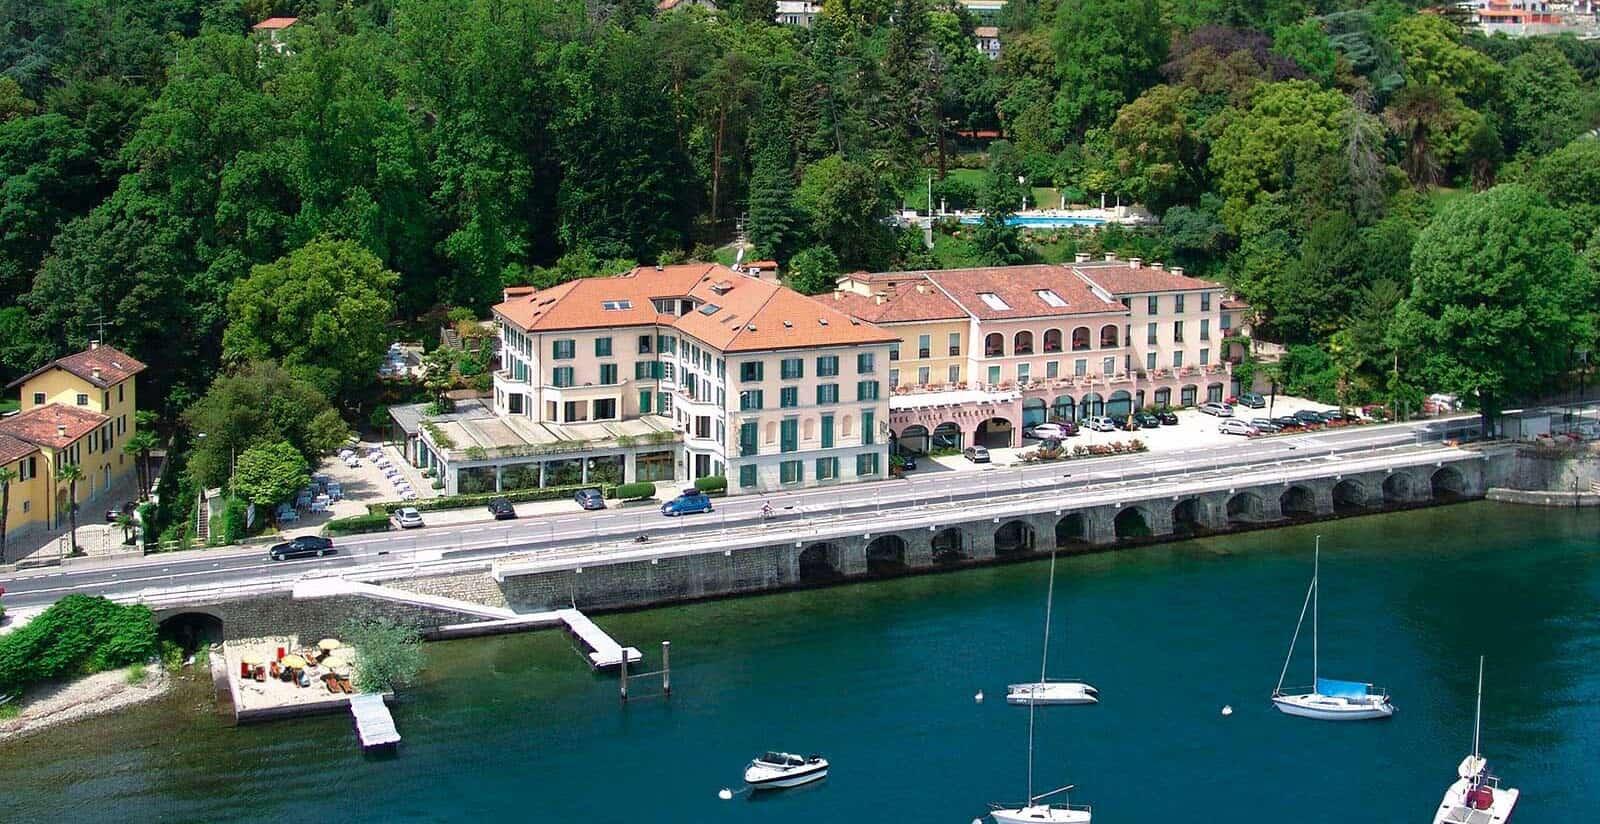 villa carlotta Hotel lago maggiore